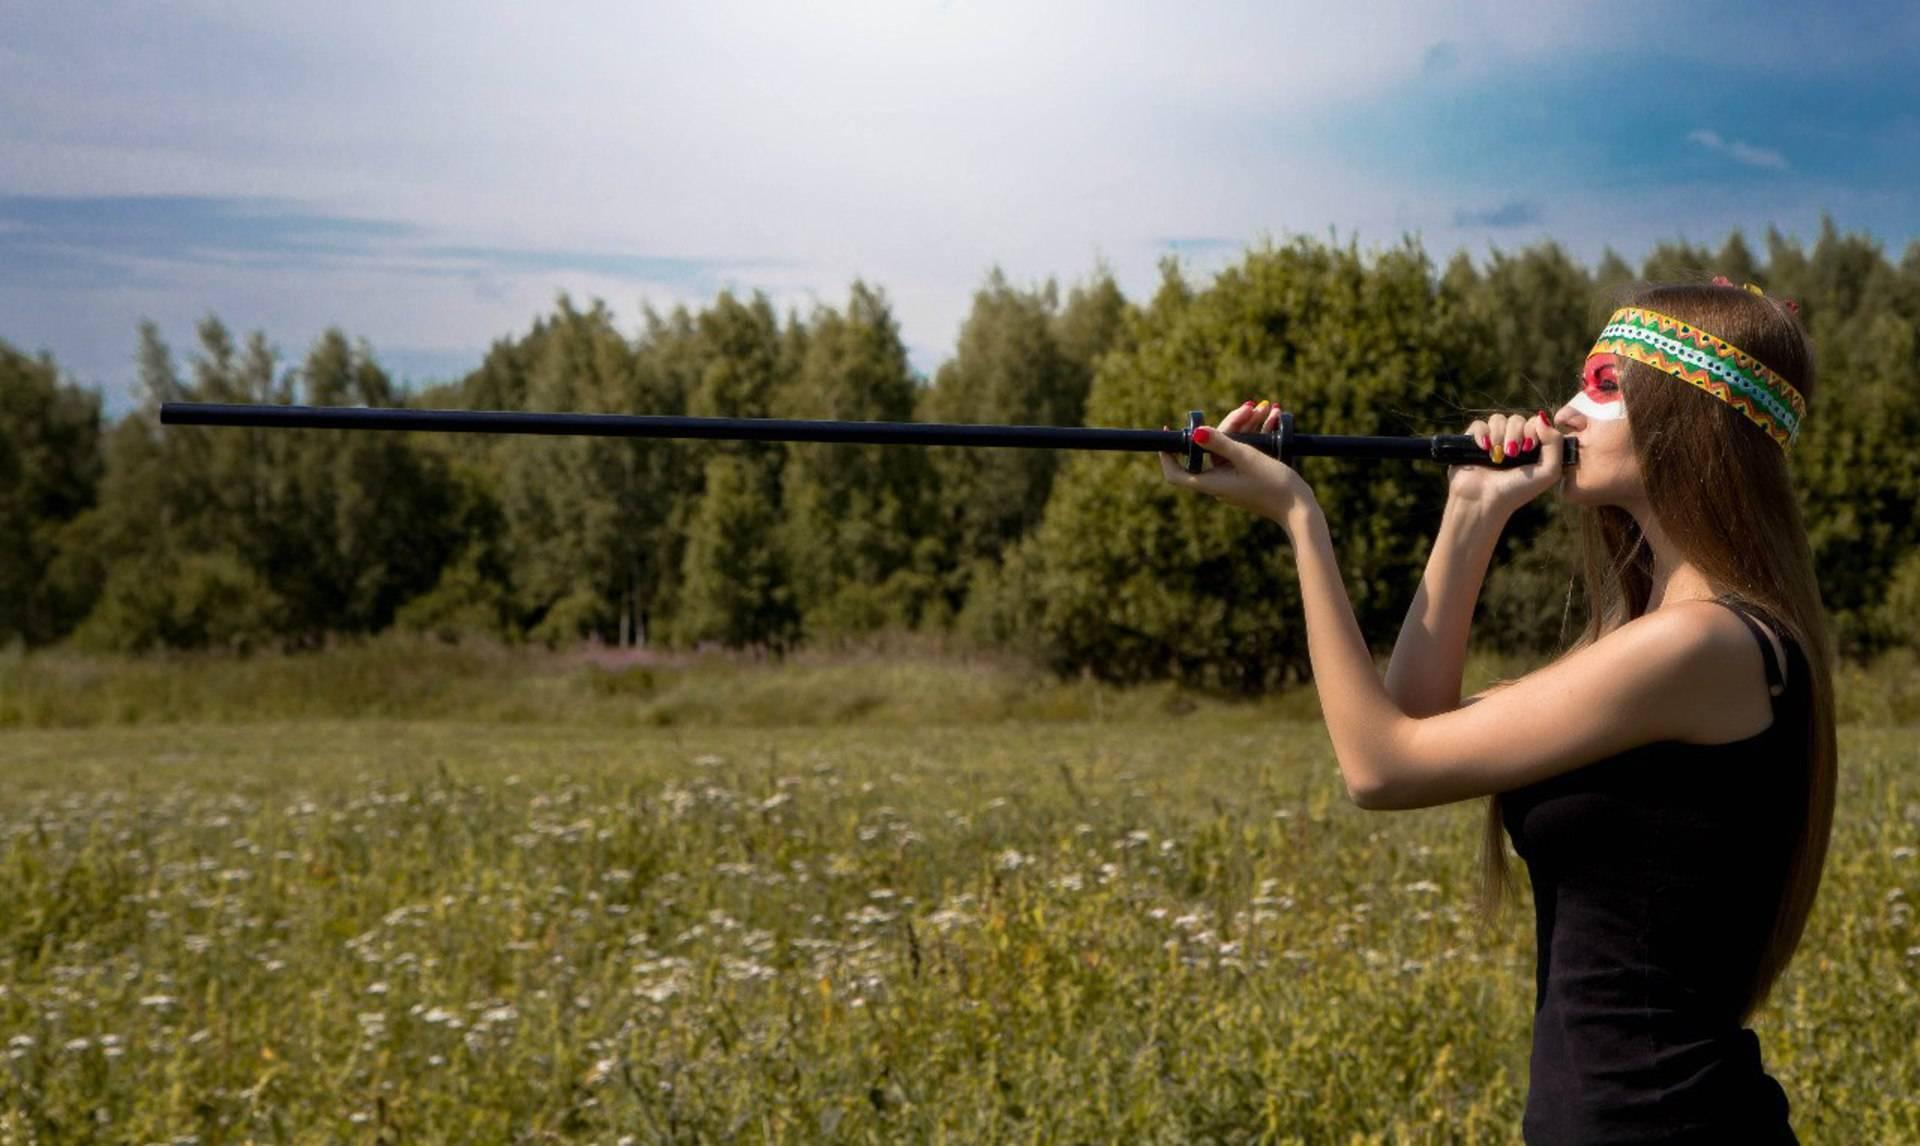 Дротик: исторический взгляд на разновидности древнейшего метательного оружия